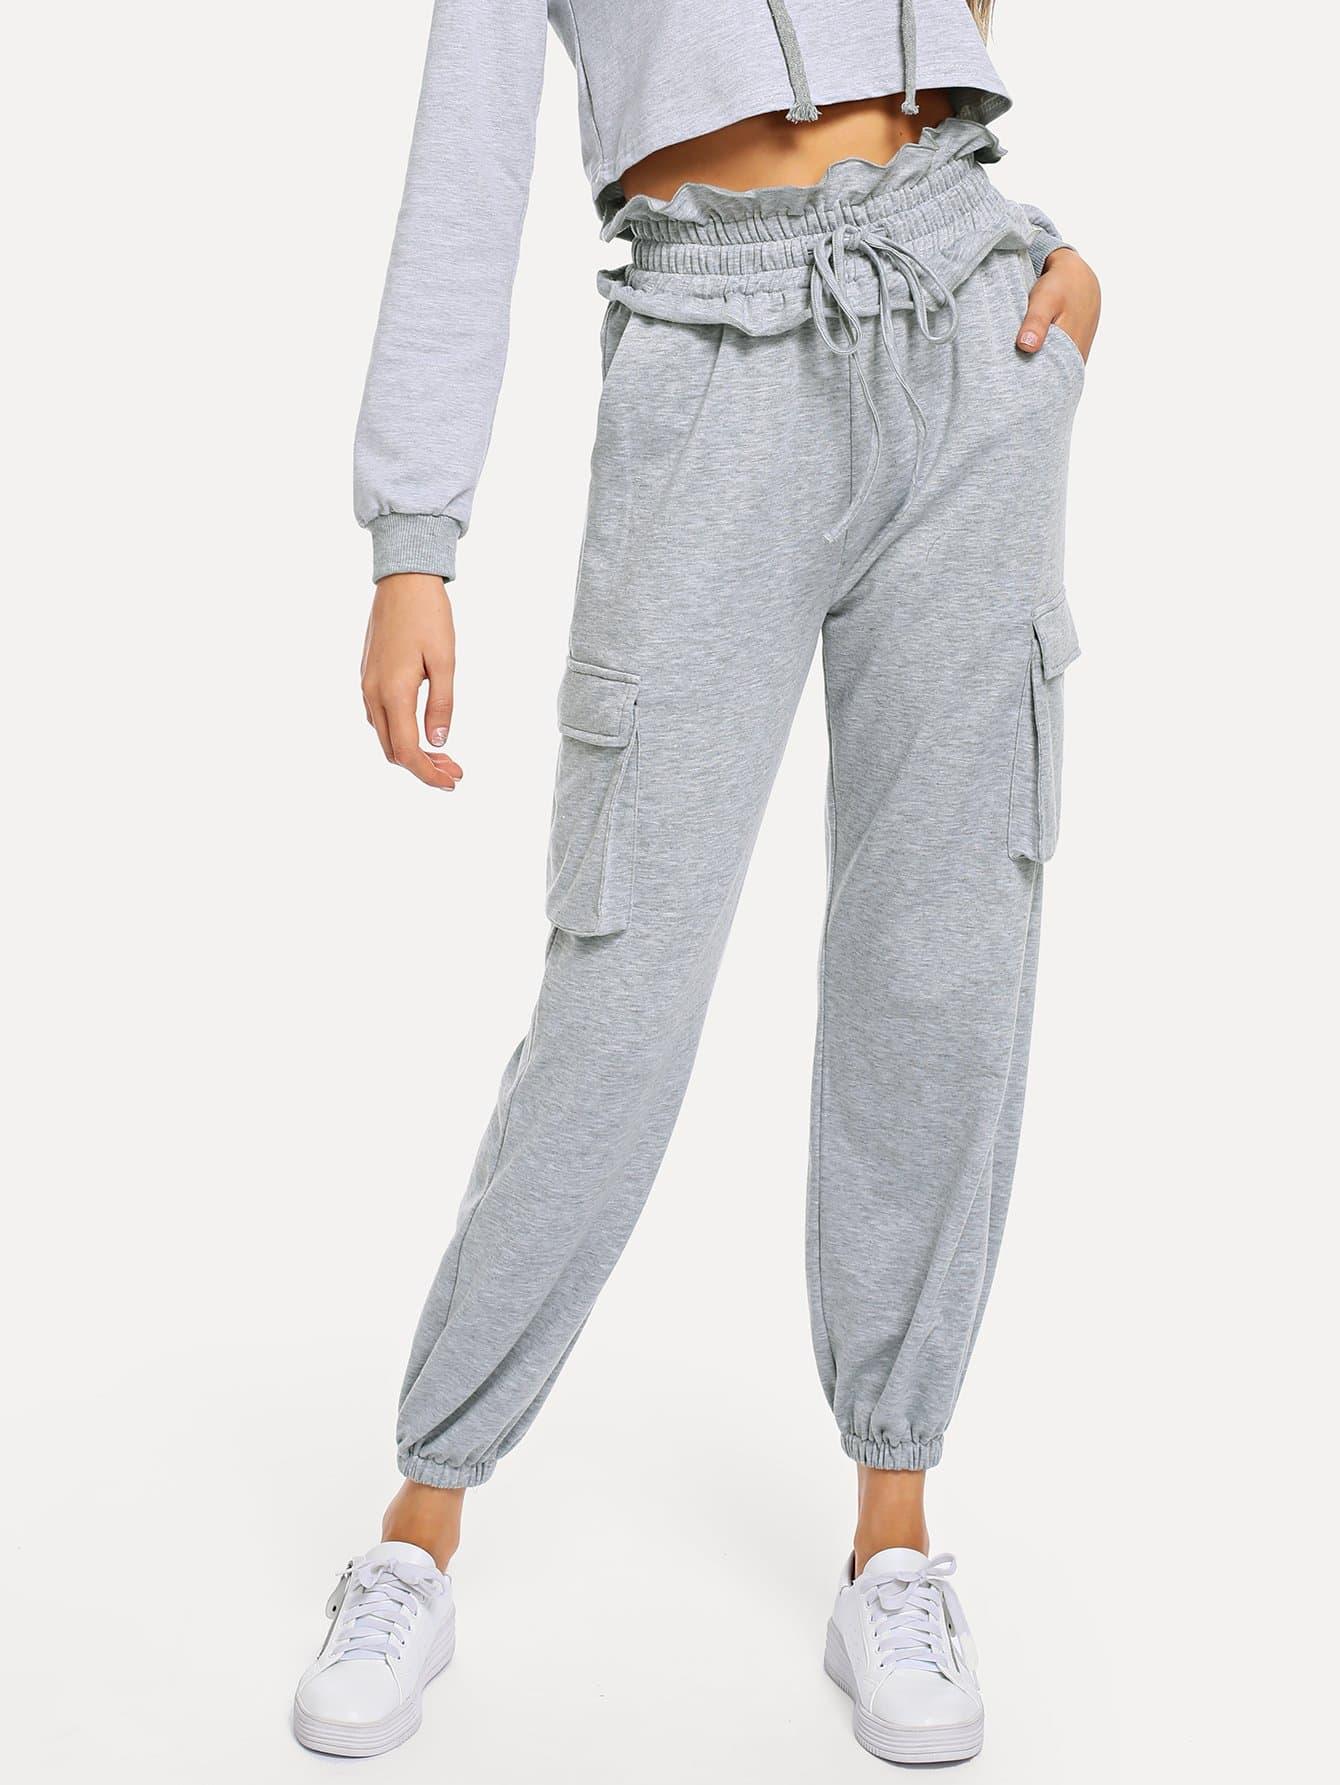 Купить Спортивные брюки с розеткой и карманами, Sasa, SheIn